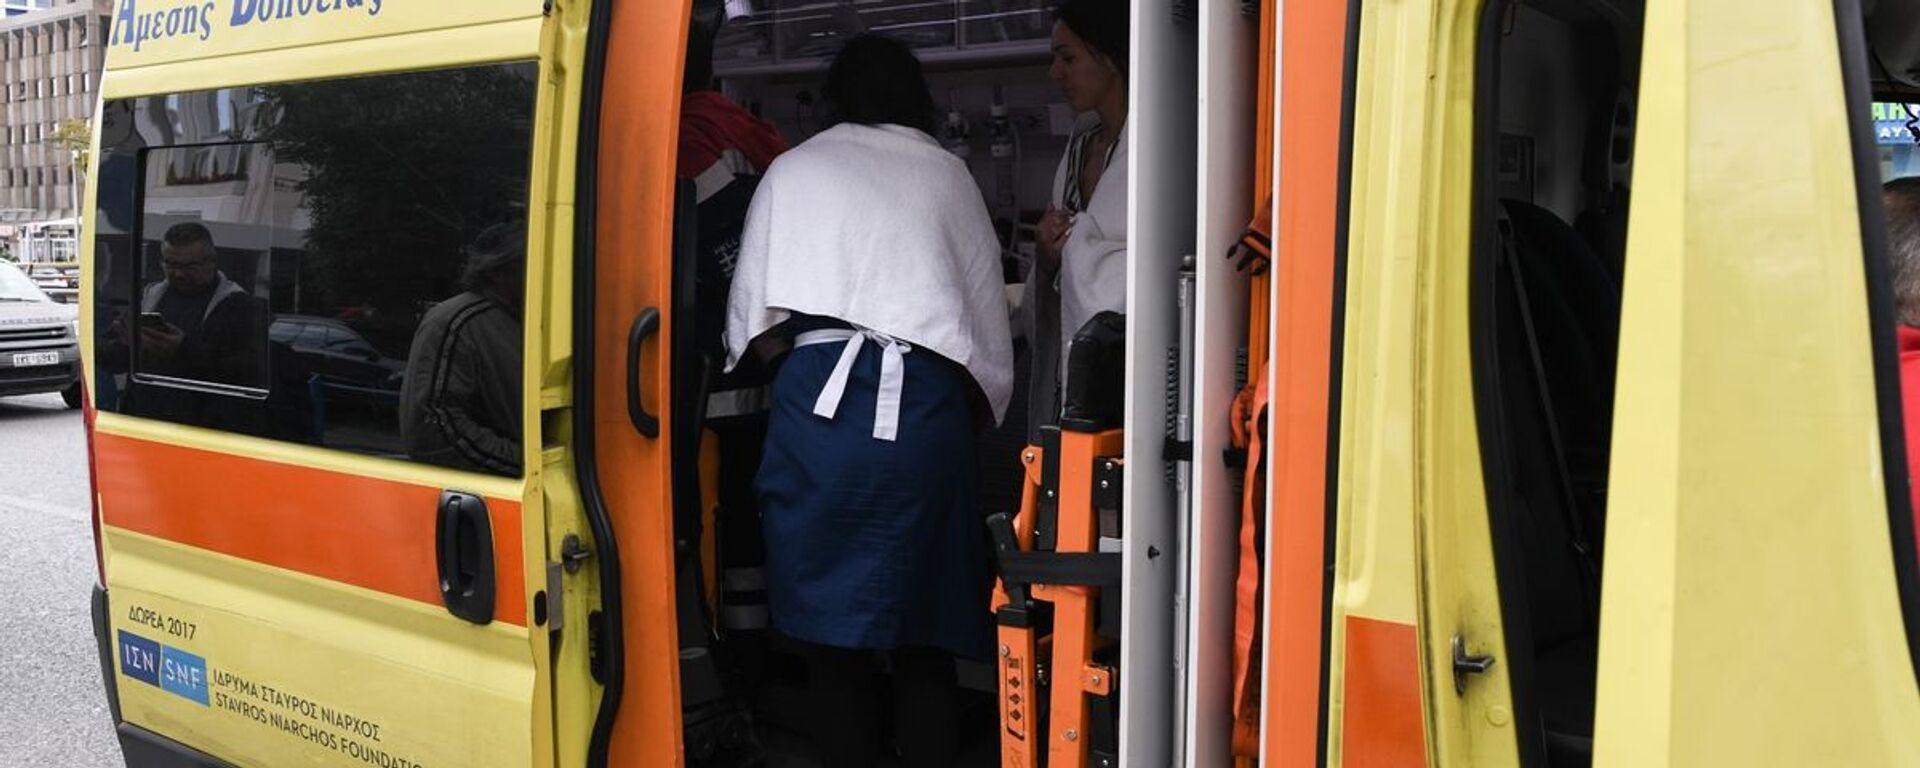 Ασθενοφόρο του ΕΚΑΒ παραλαμβάνει τραυματία από τη φωτιά στο ξενοδοχείο Αthenaeum Palace - Sputnik Ελλάδα, 1920, 08.10.2021